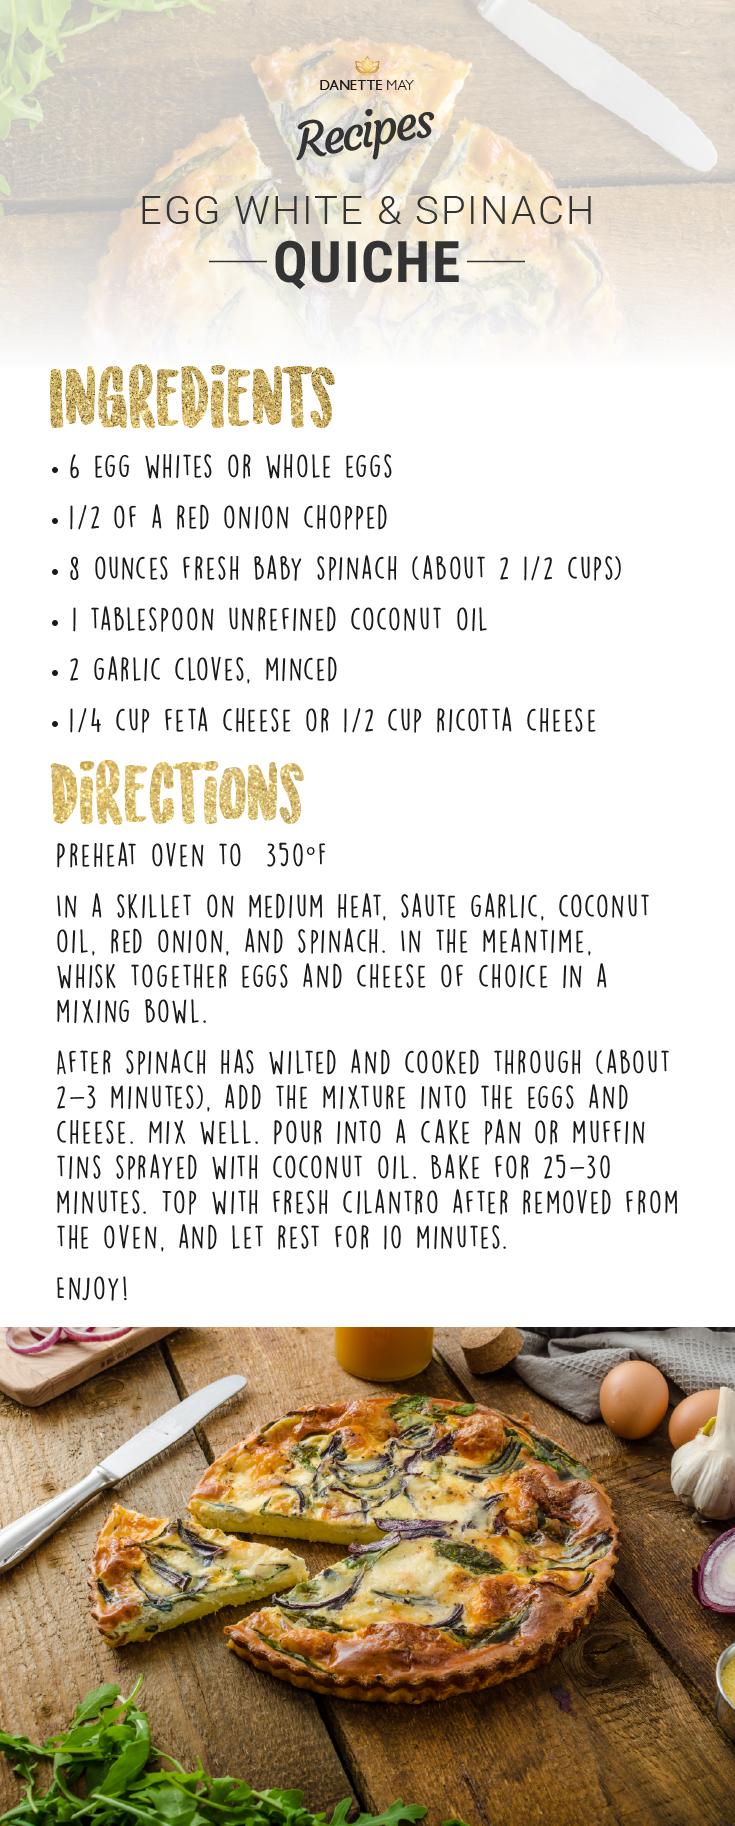 egg white quiche recipe